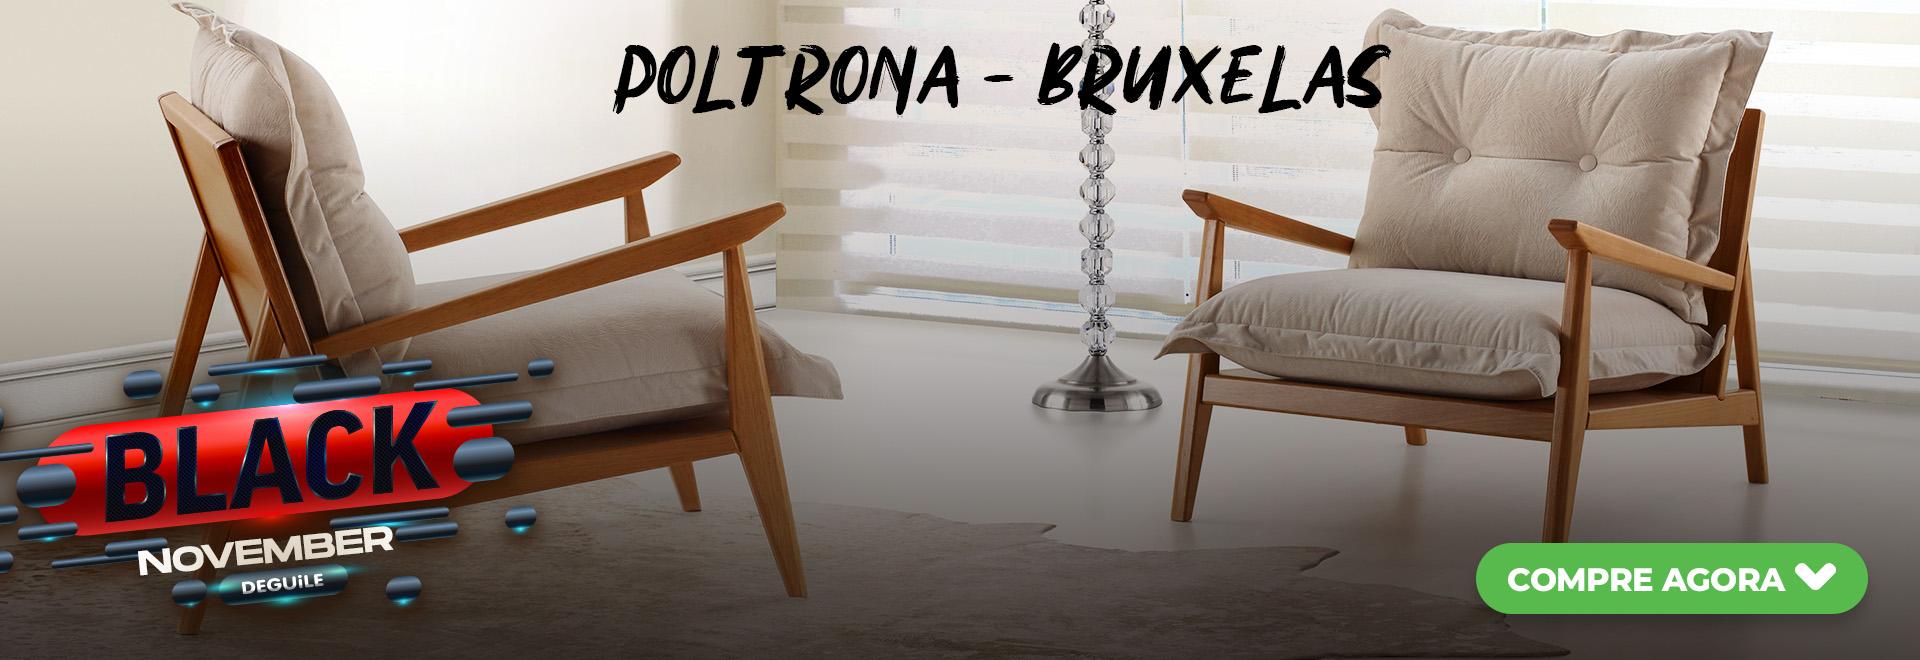 Poltrona - BRUXELAS